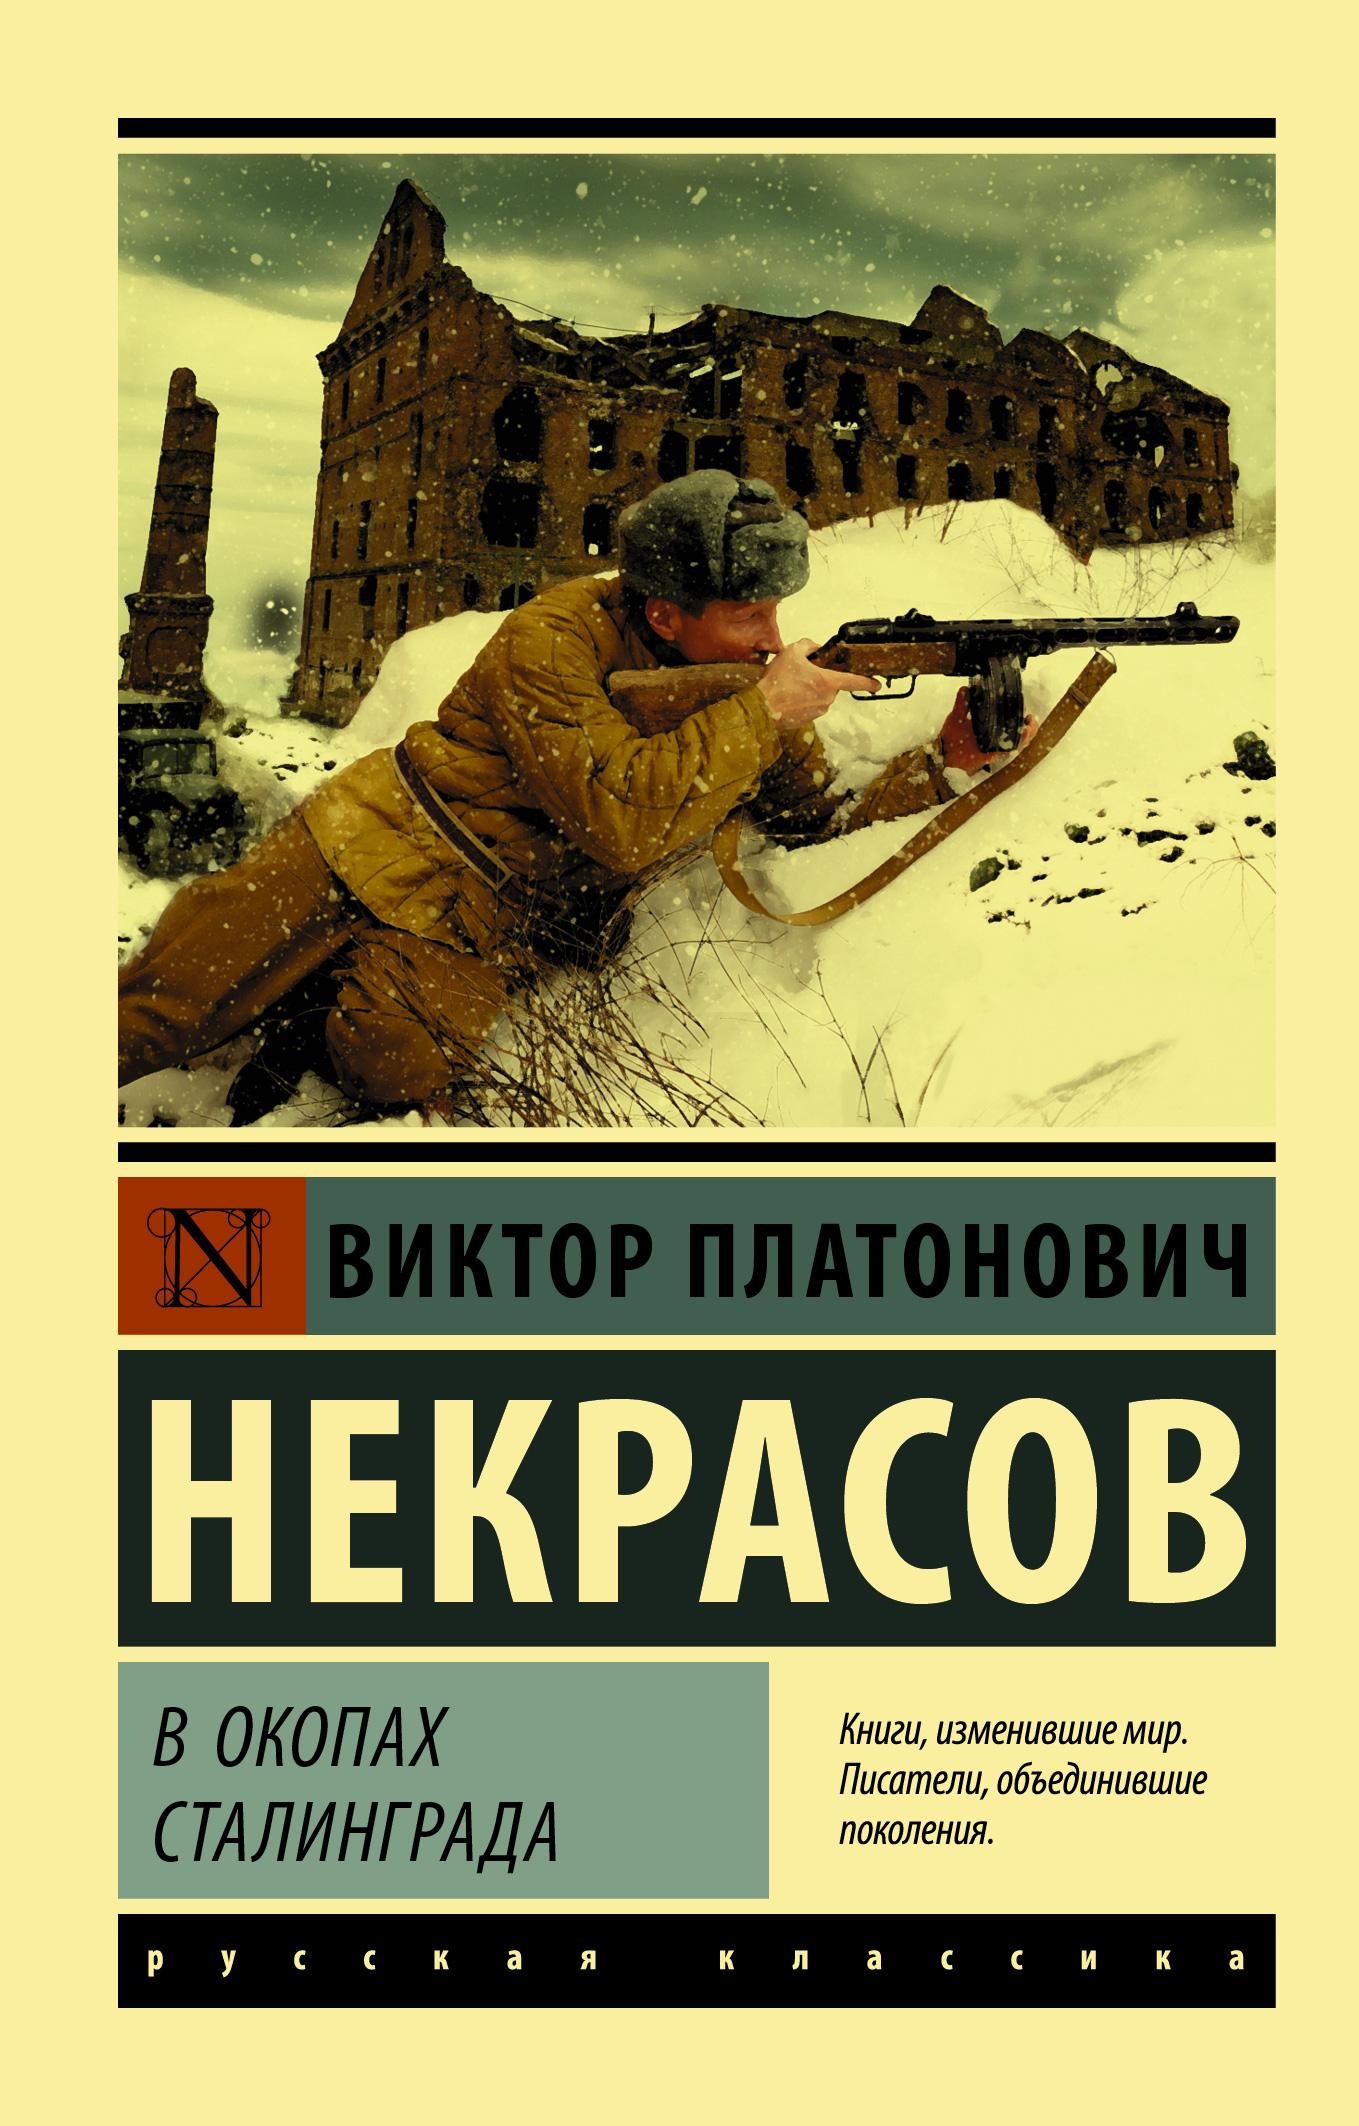 Виктор Некрасов В окопах Сталинграда анташкевич е в окопах 1916 год хроника одного полка